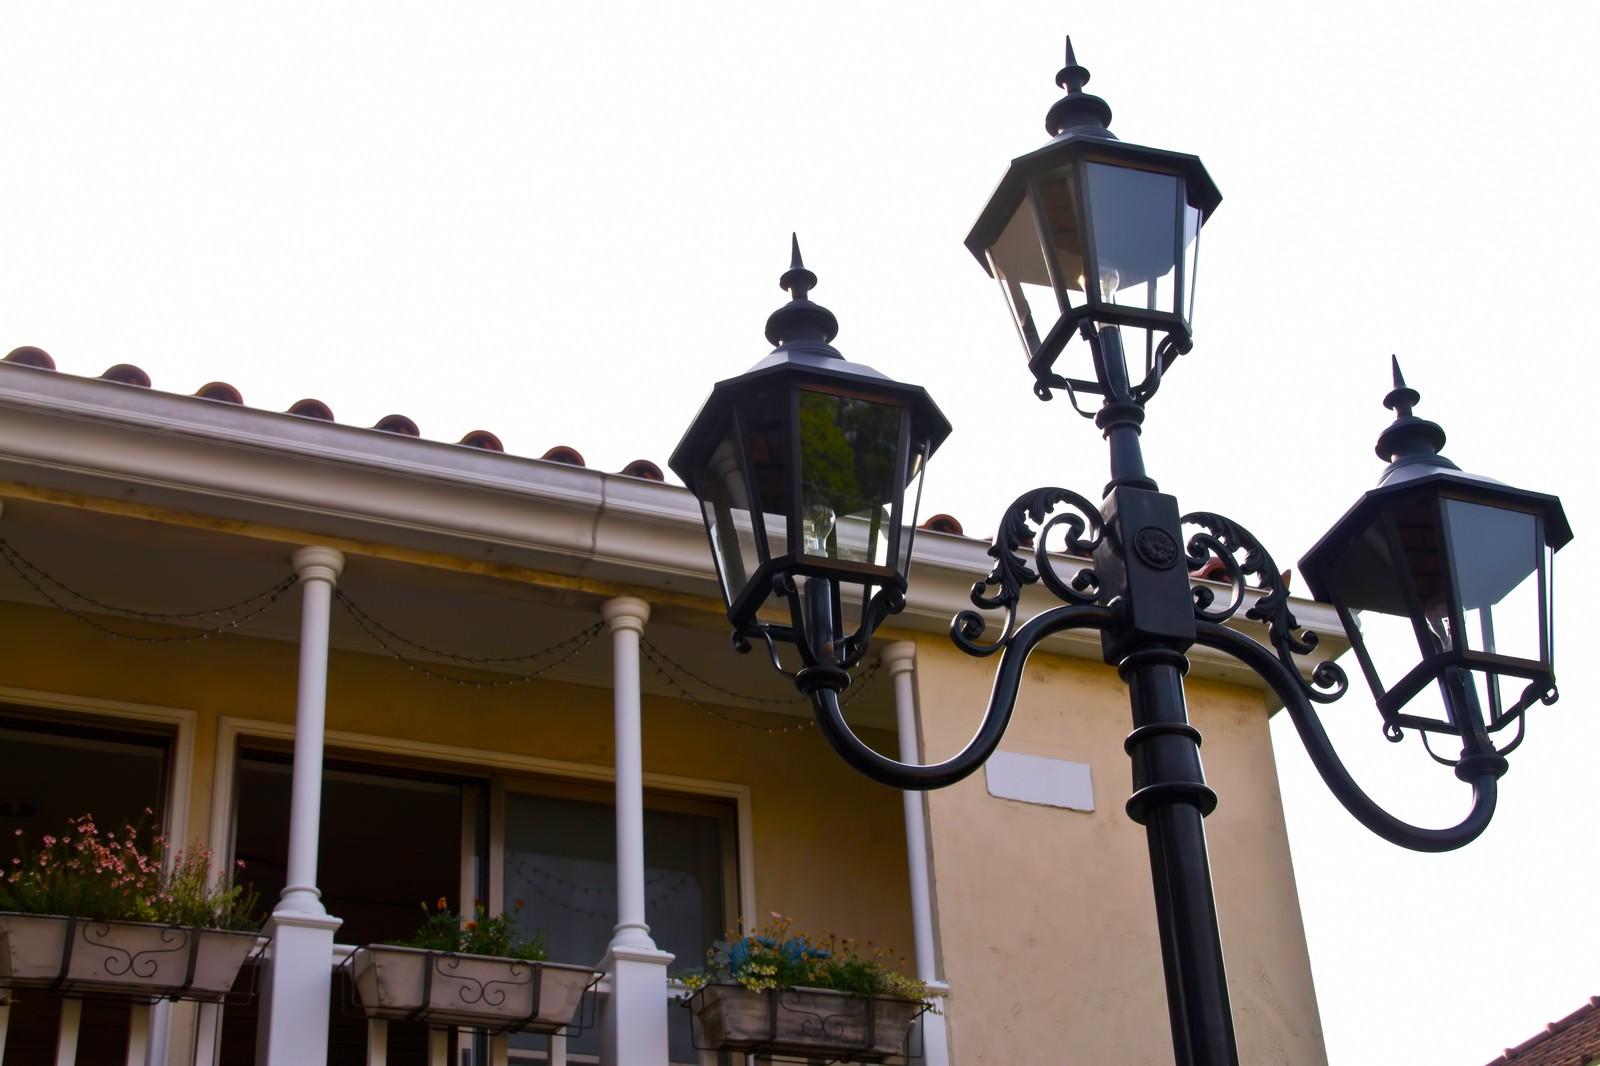 「洋風な街灯」の写真